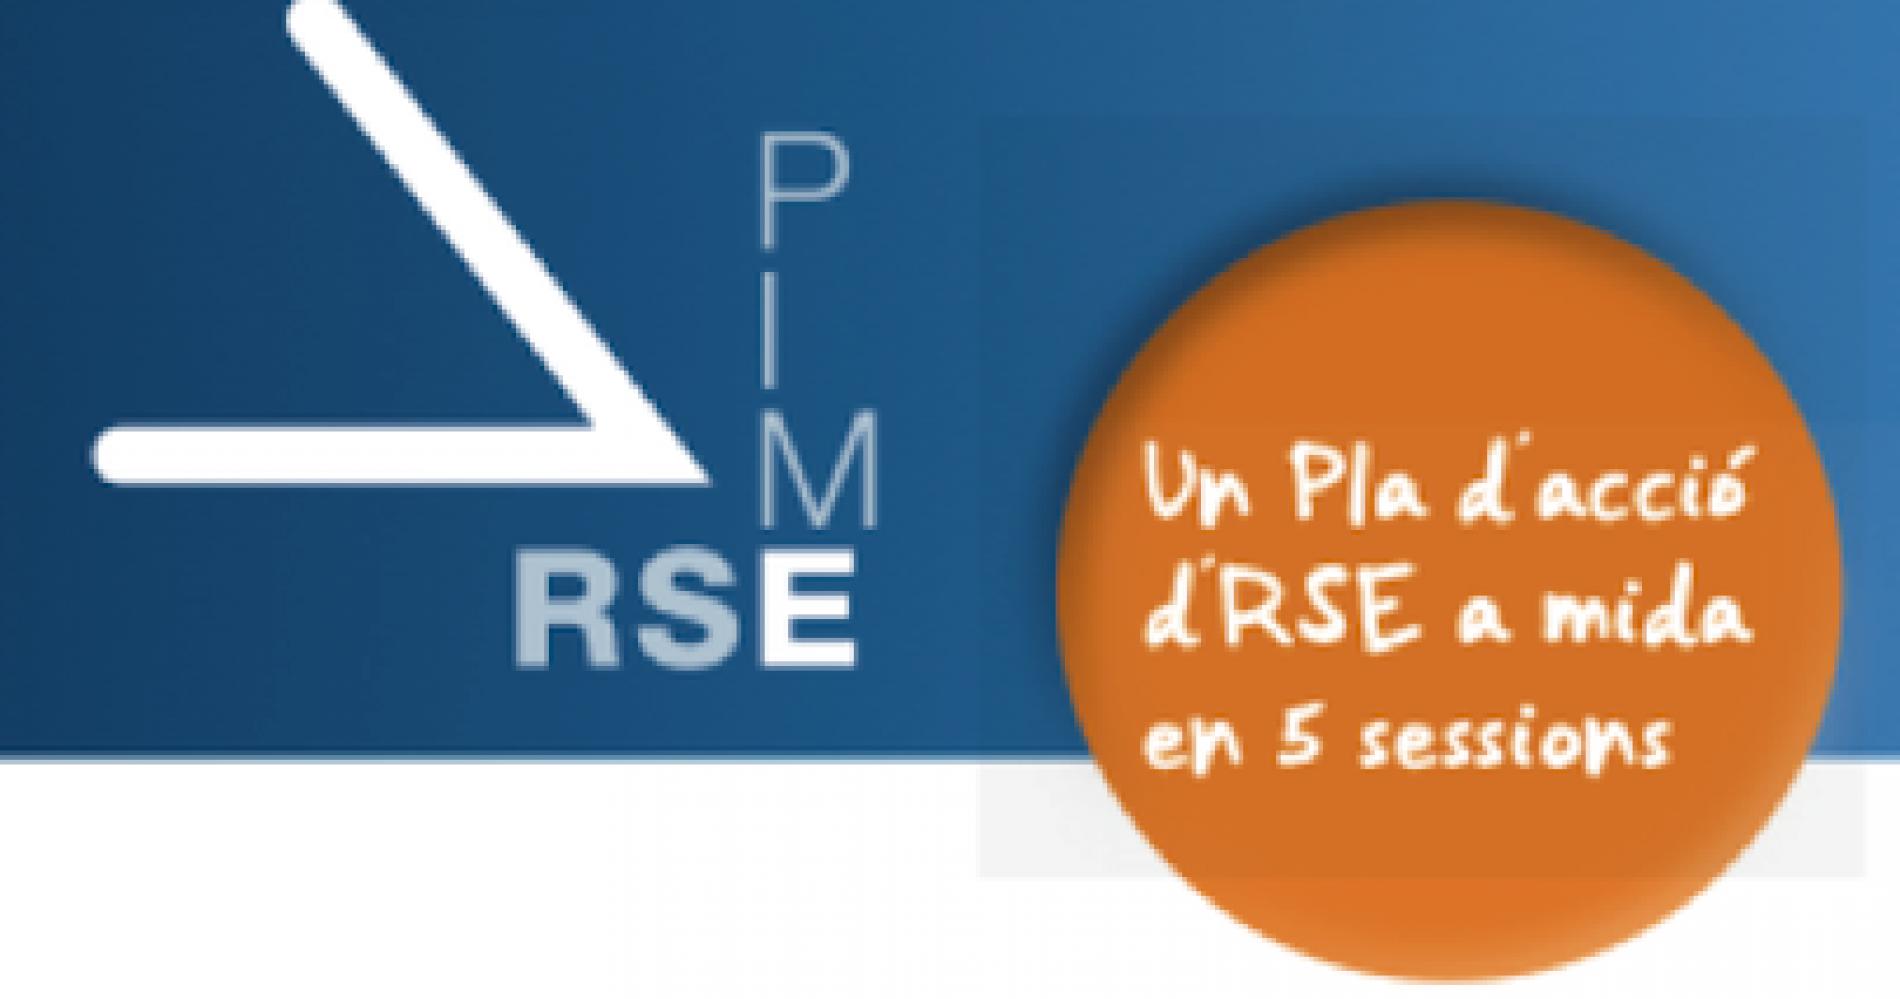 Ampliem el termini d'inscripció de l'RSE.Pime fins al 15 de juliol